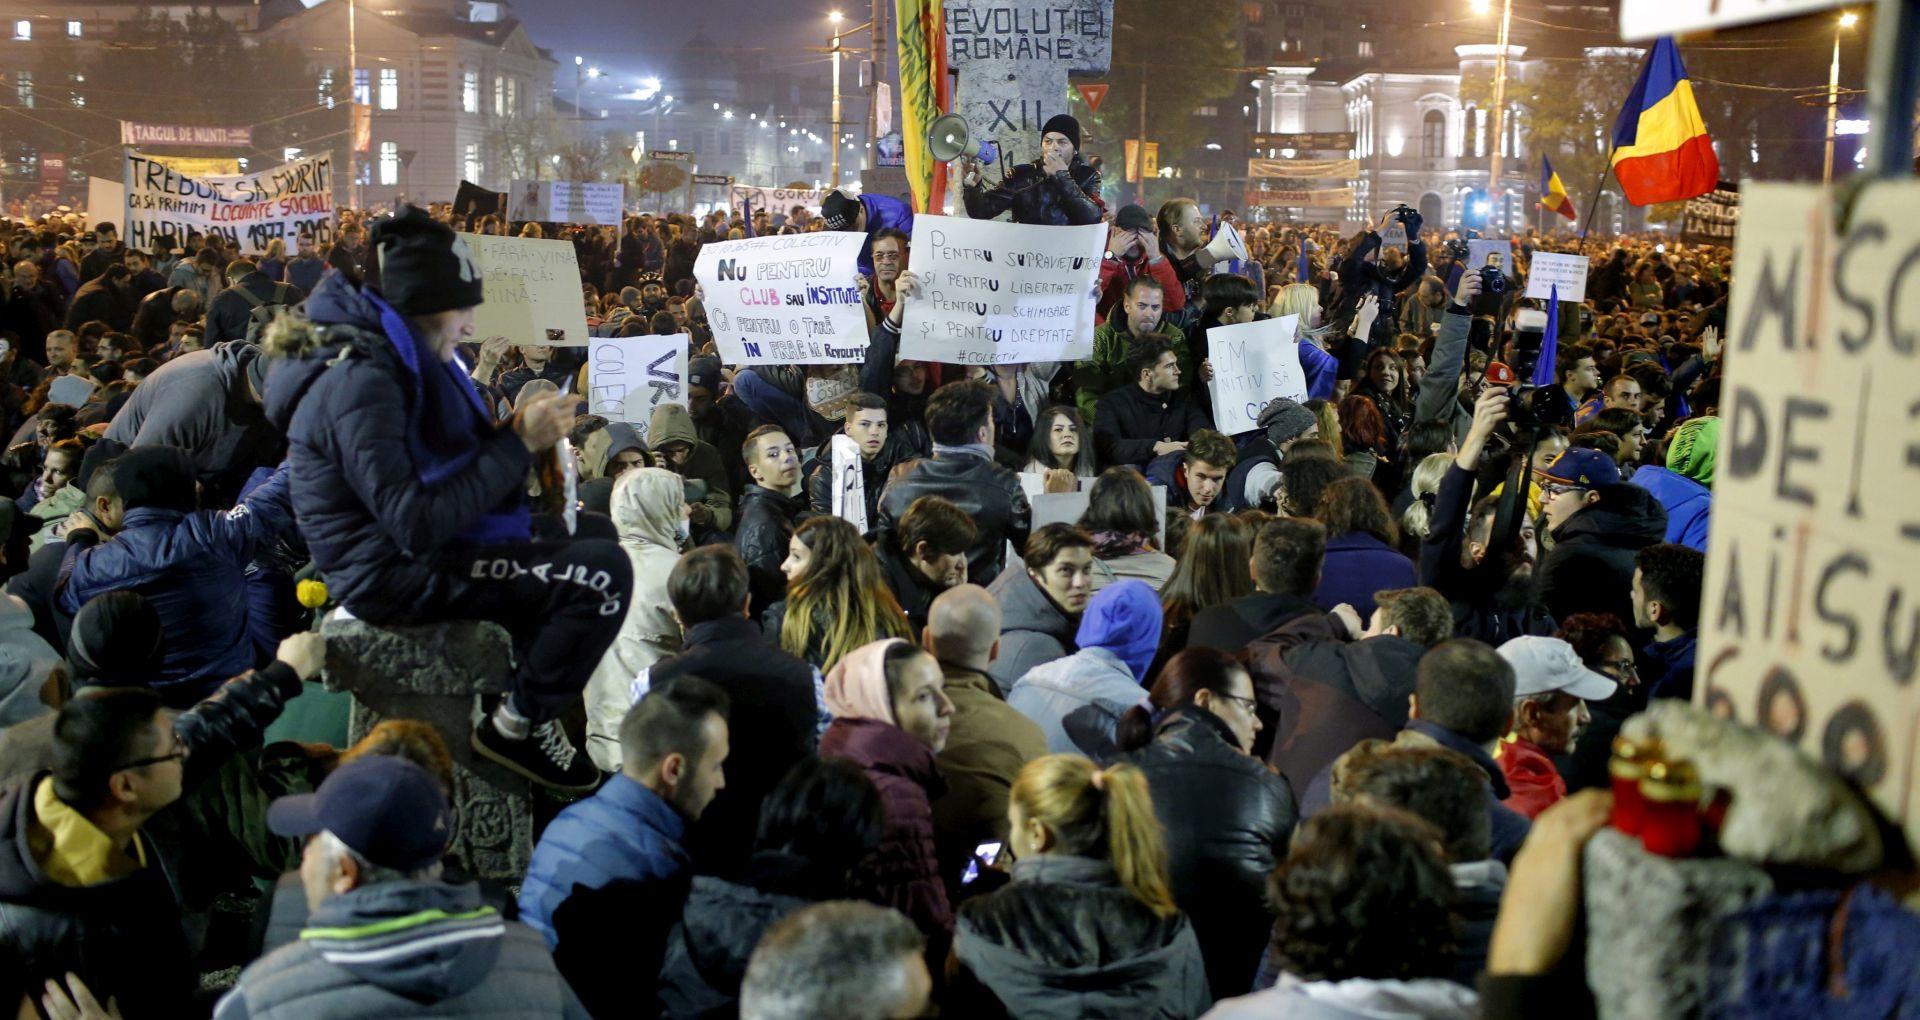 POŽAR U RUMUNJSKOM NOĆNOM KLUBU Još šest osoba preminulo, nastavljaju se prosvjedi